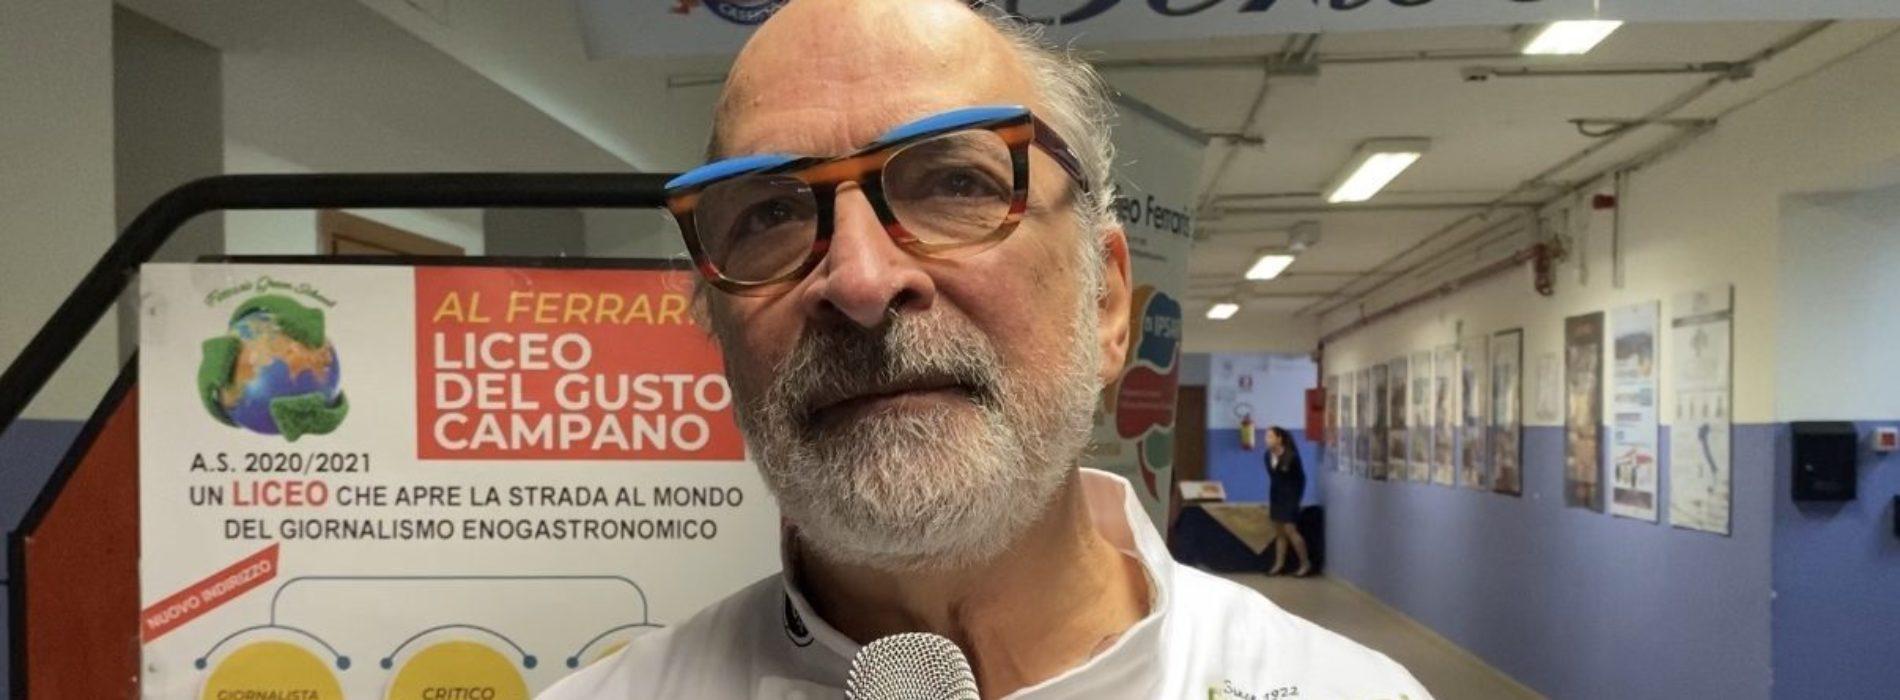 Andy Luotto all'alberghiero Ferraris: I love Caserta